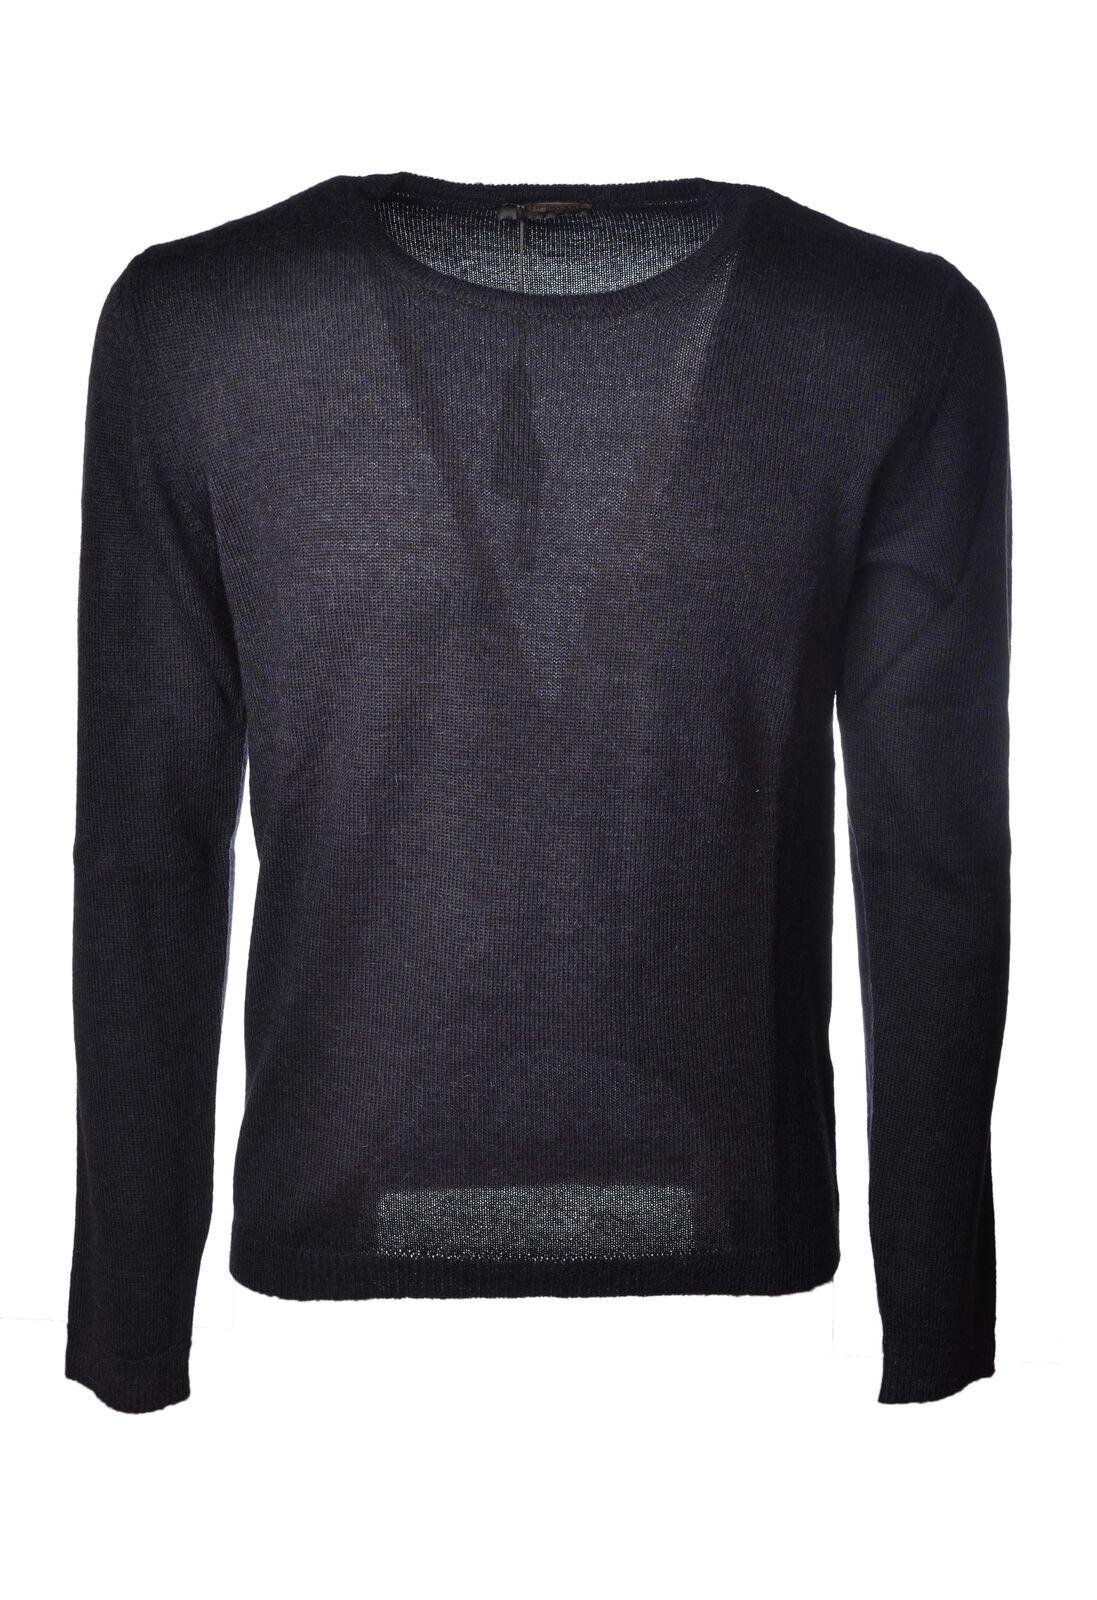 Bellwood - Knitwear-Sweaters - Man - Blau - 4160901G190945